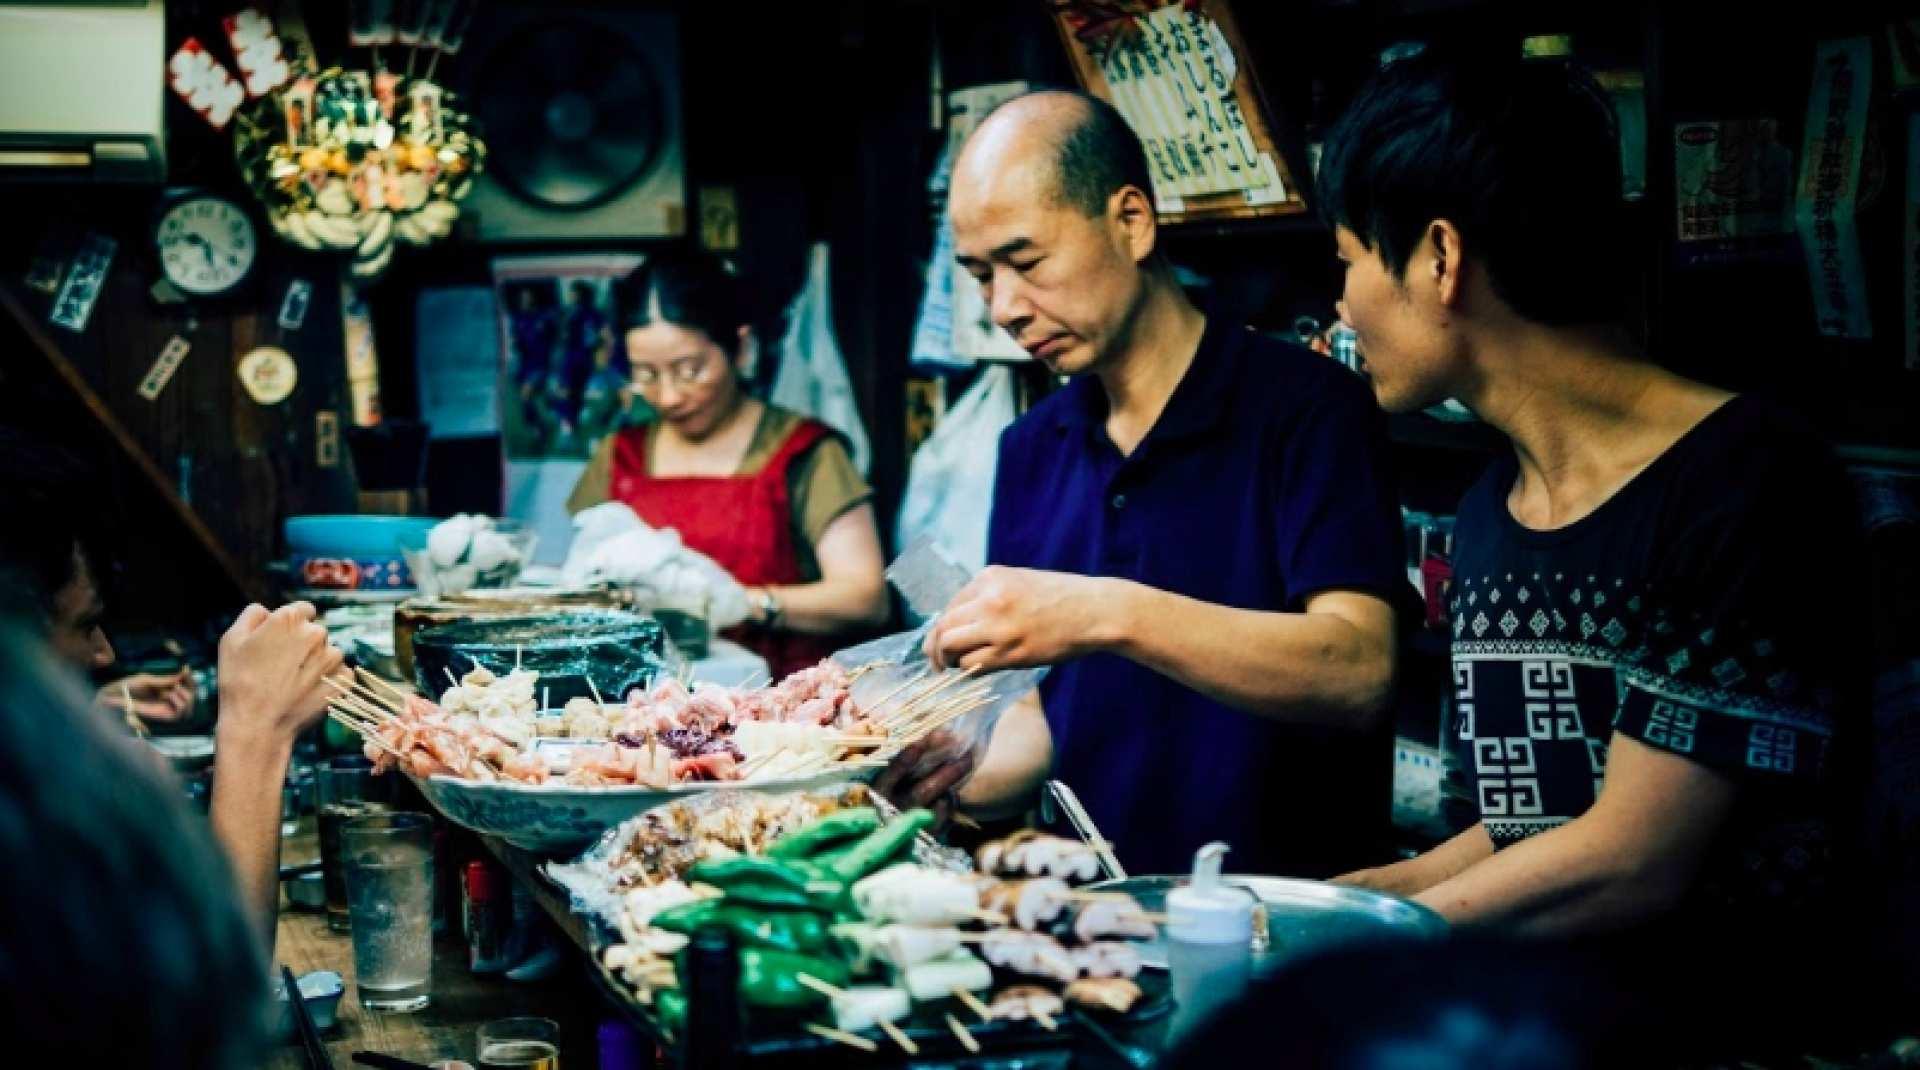 【古巷旅遊】台南市集採買食材與美食體驗